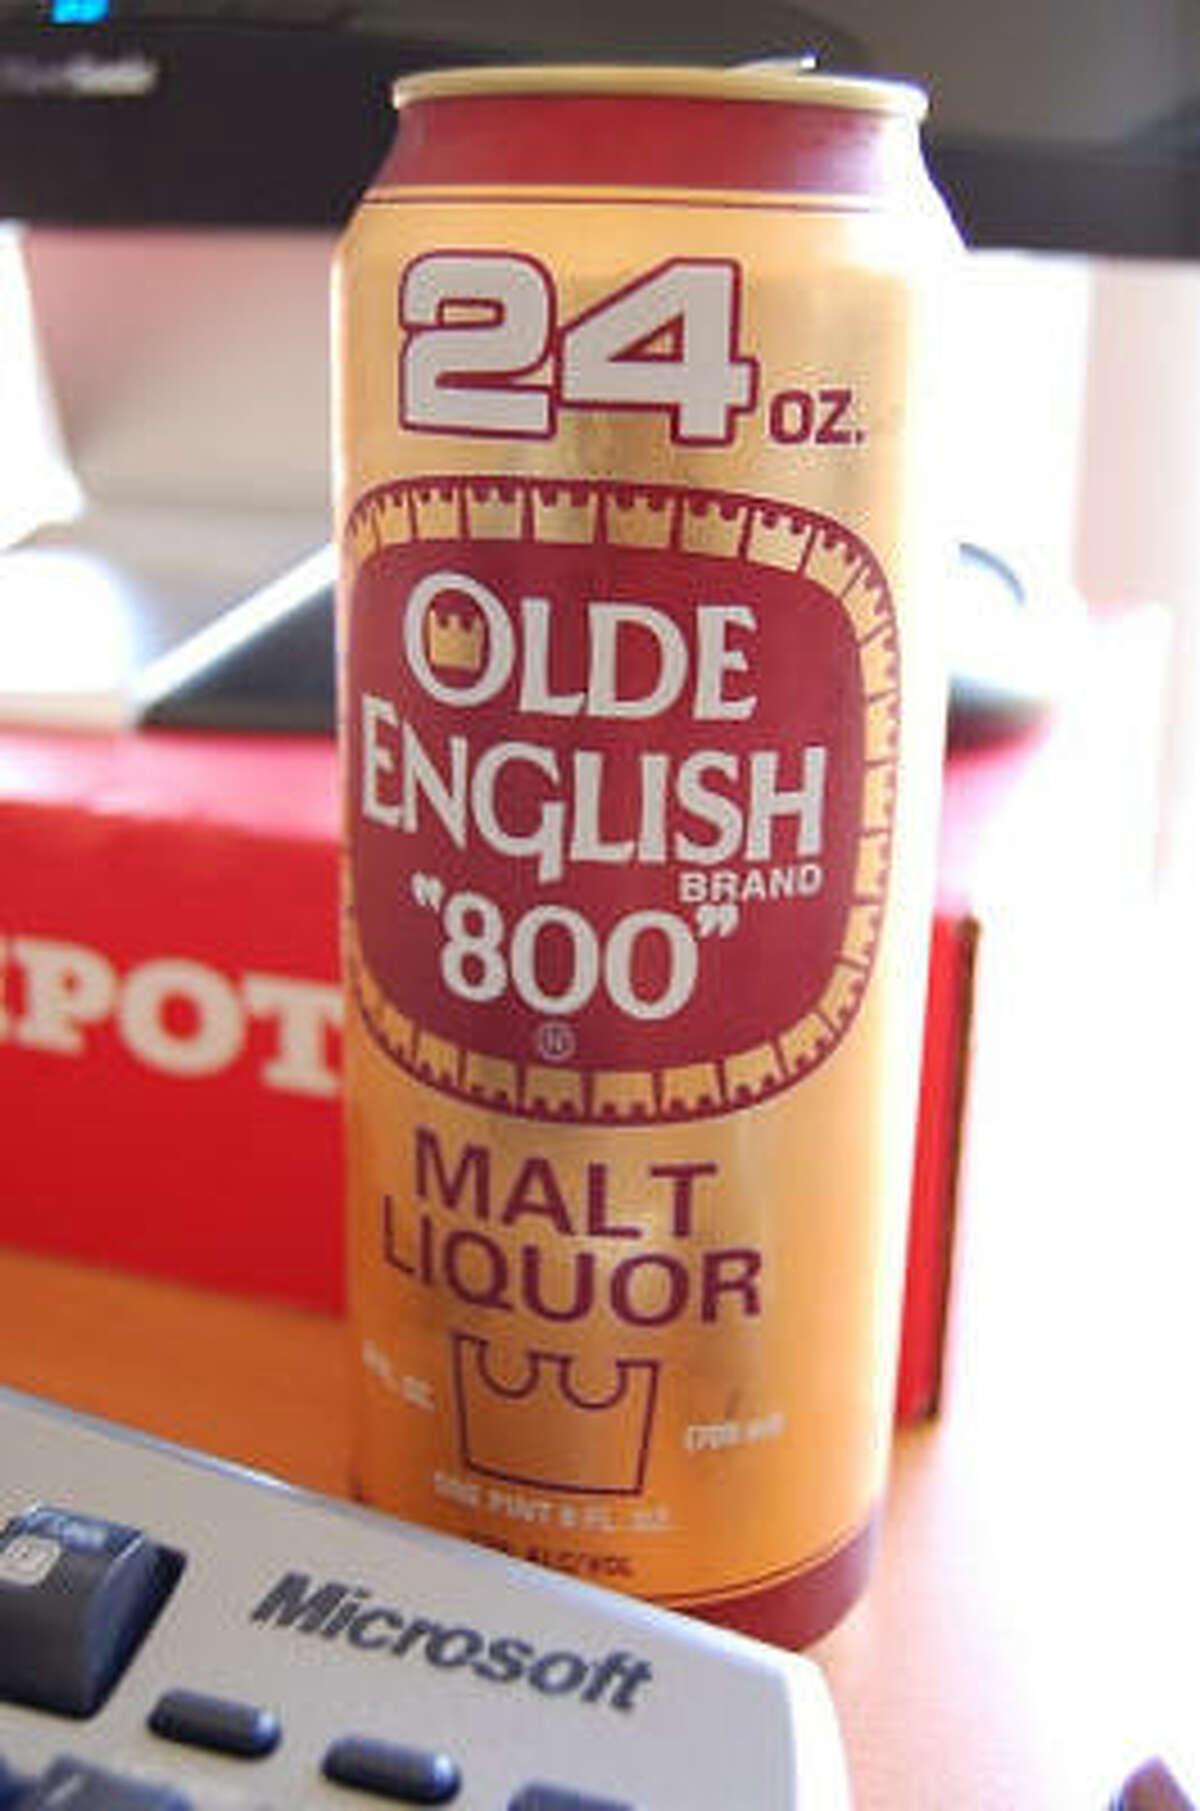 1. Olde English 800 3.2